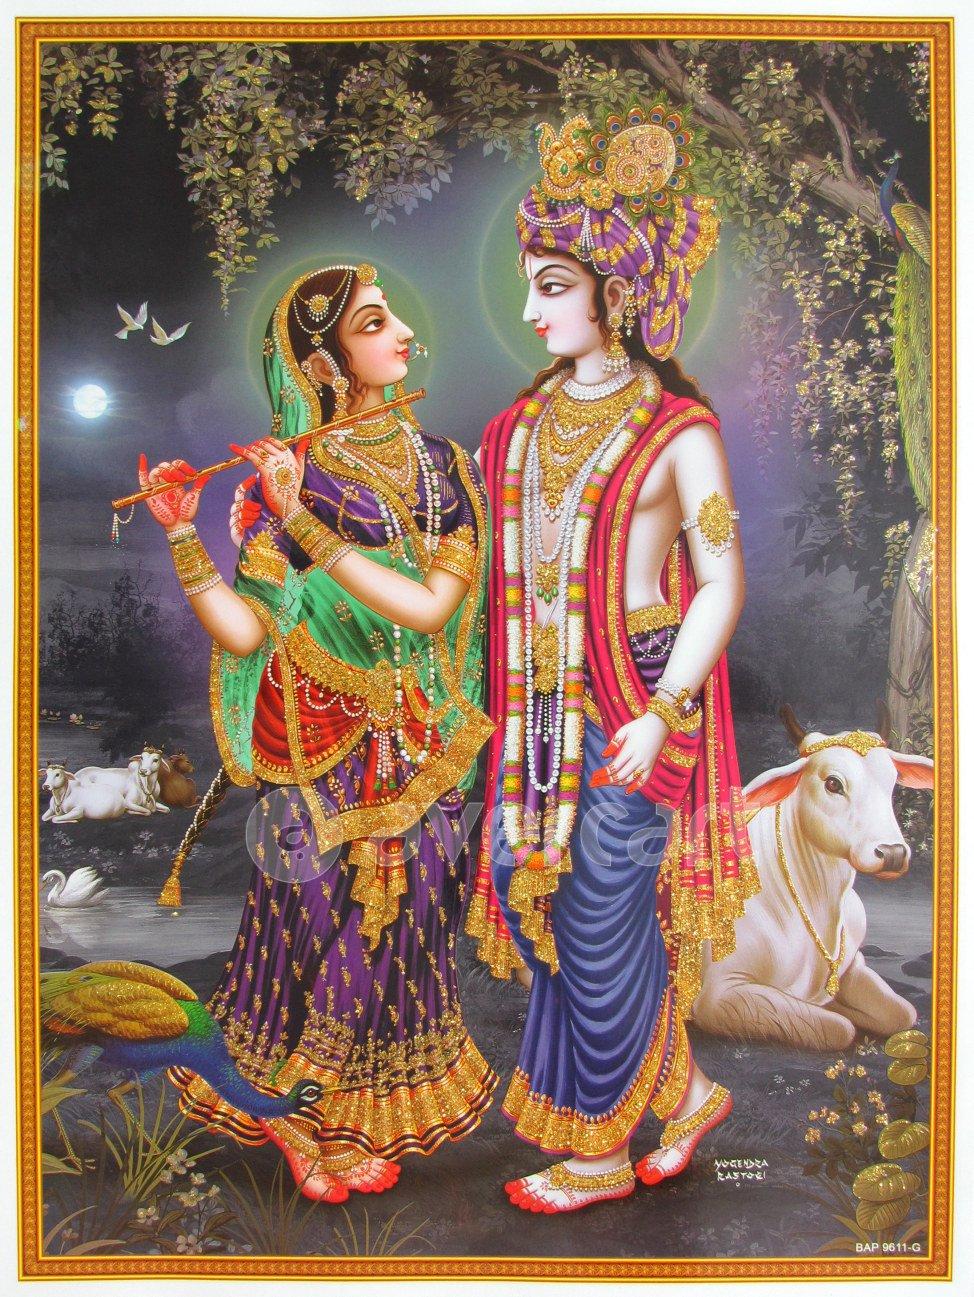 Shri Krishna with Radha